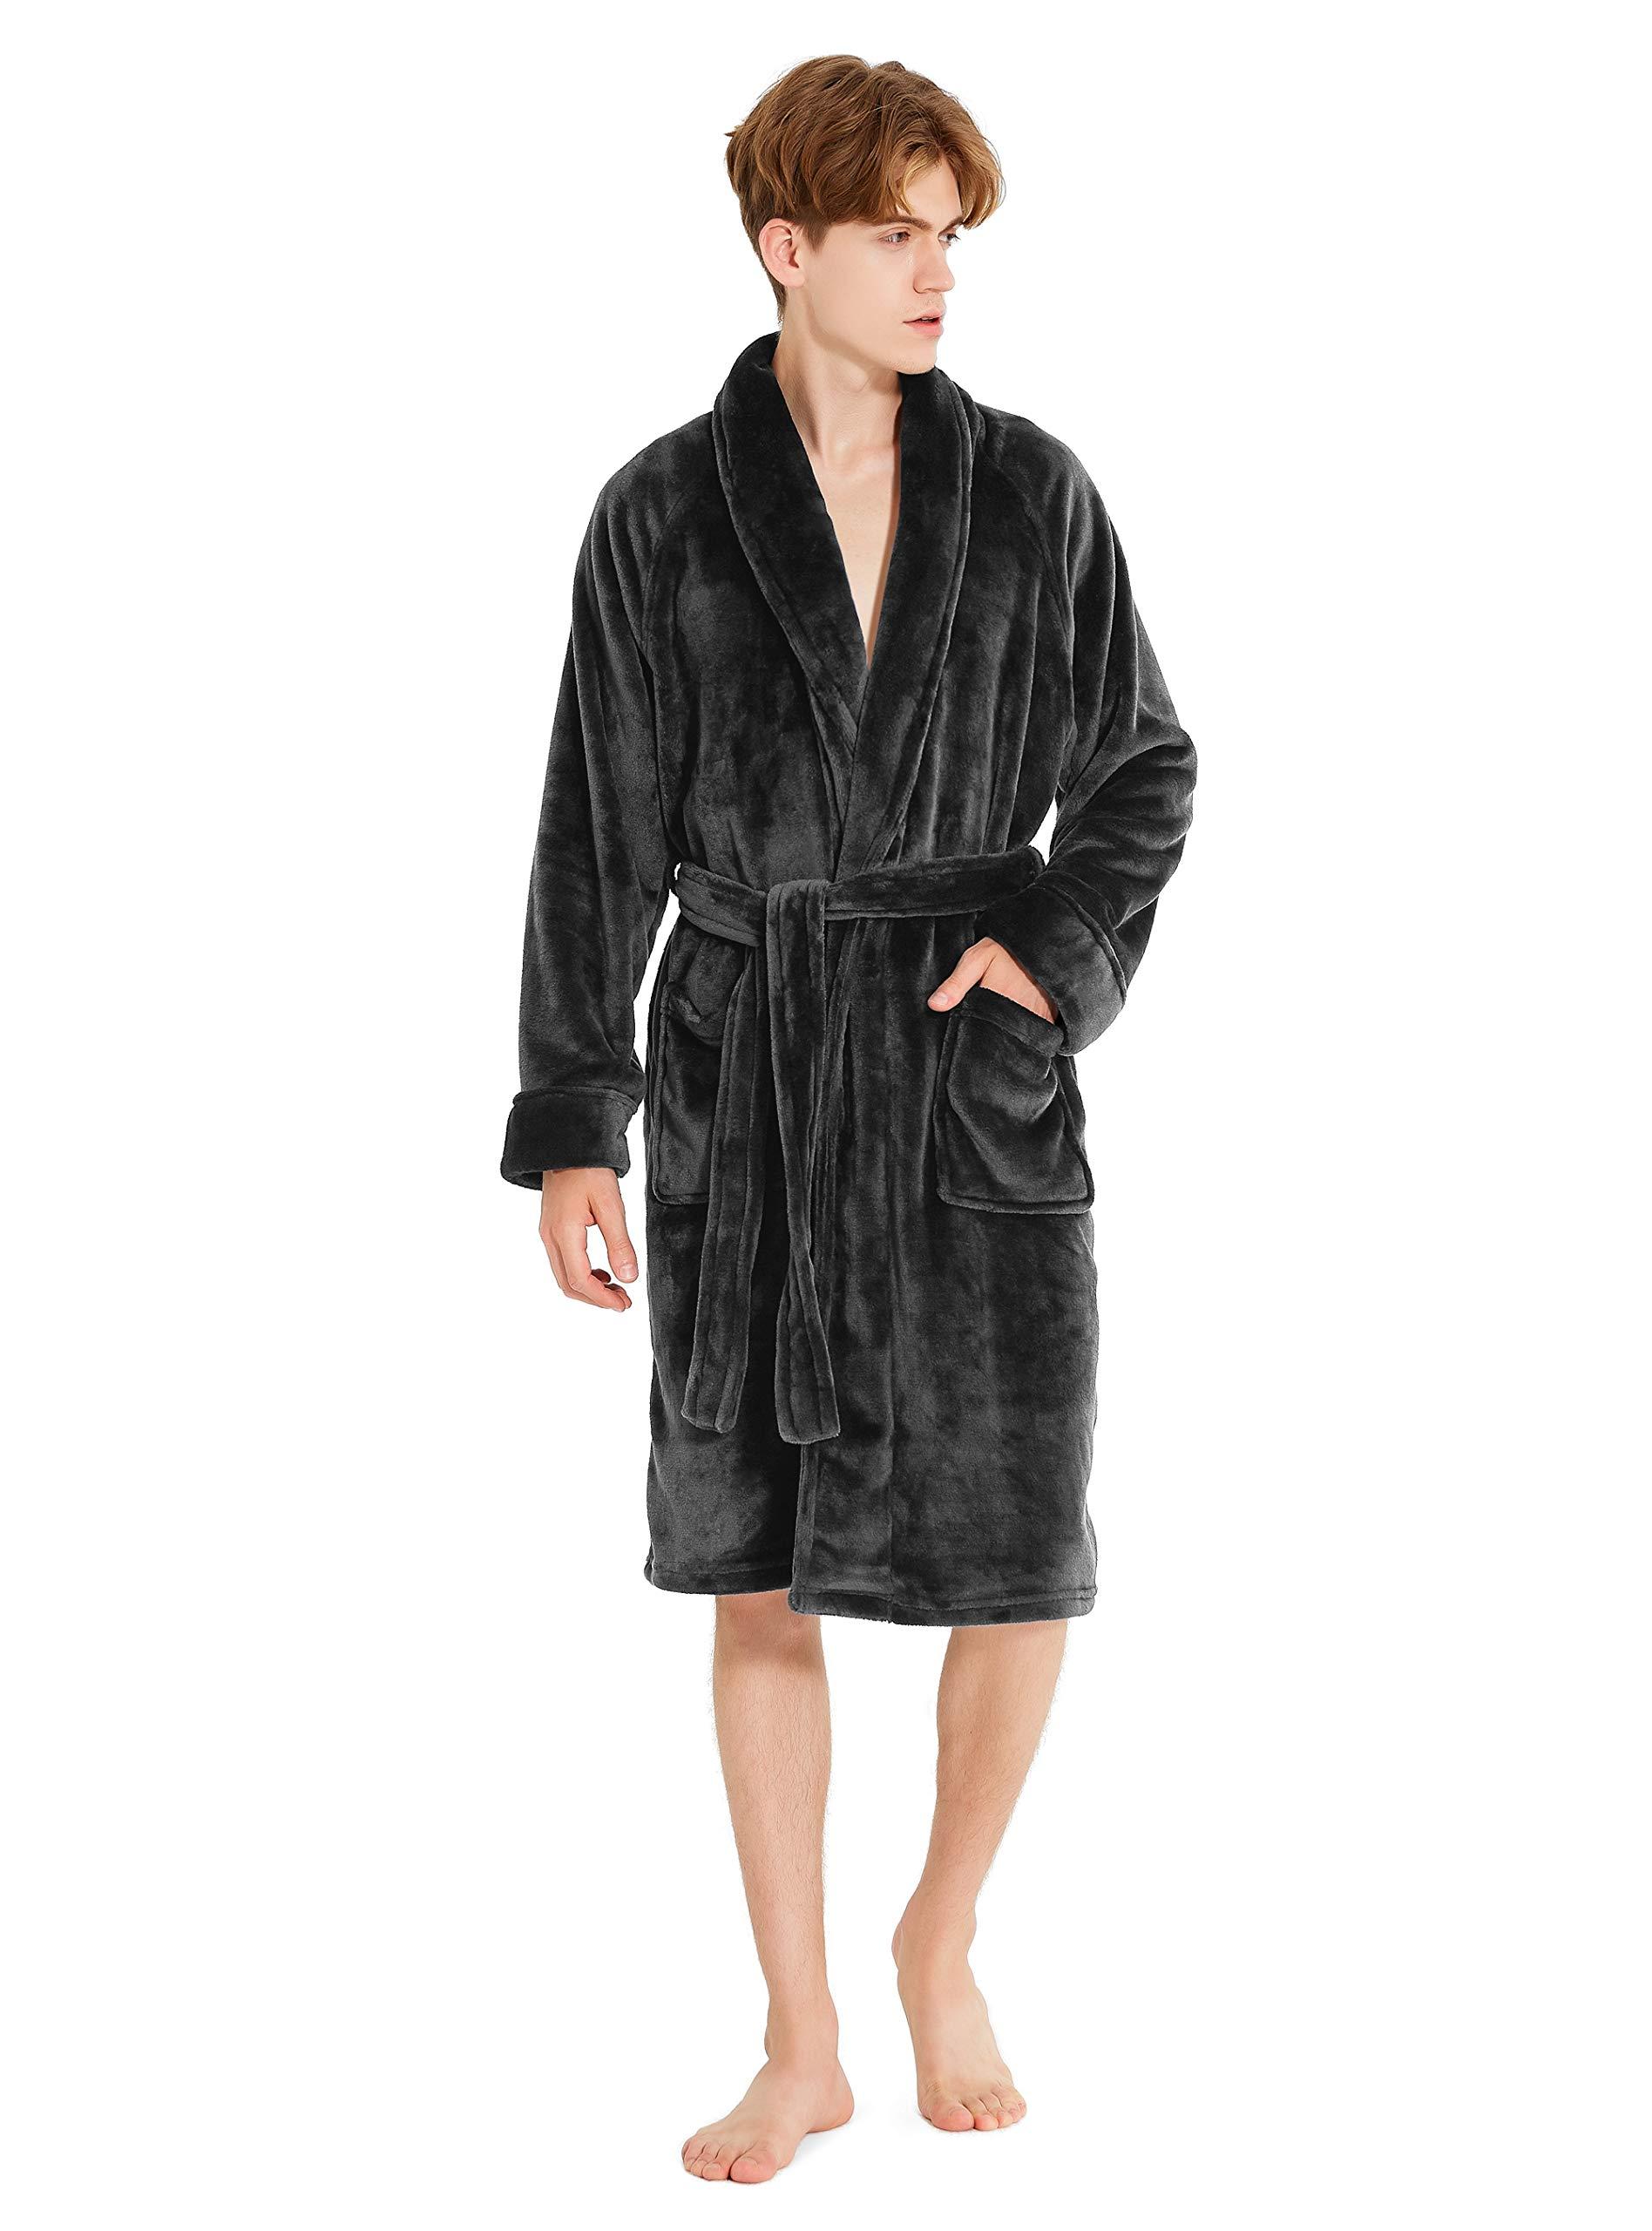 David Archy Mens Hooded Fleece Plush Soft Shu Velveteen Robe Full Length Long Bathrobe CN-Smashing